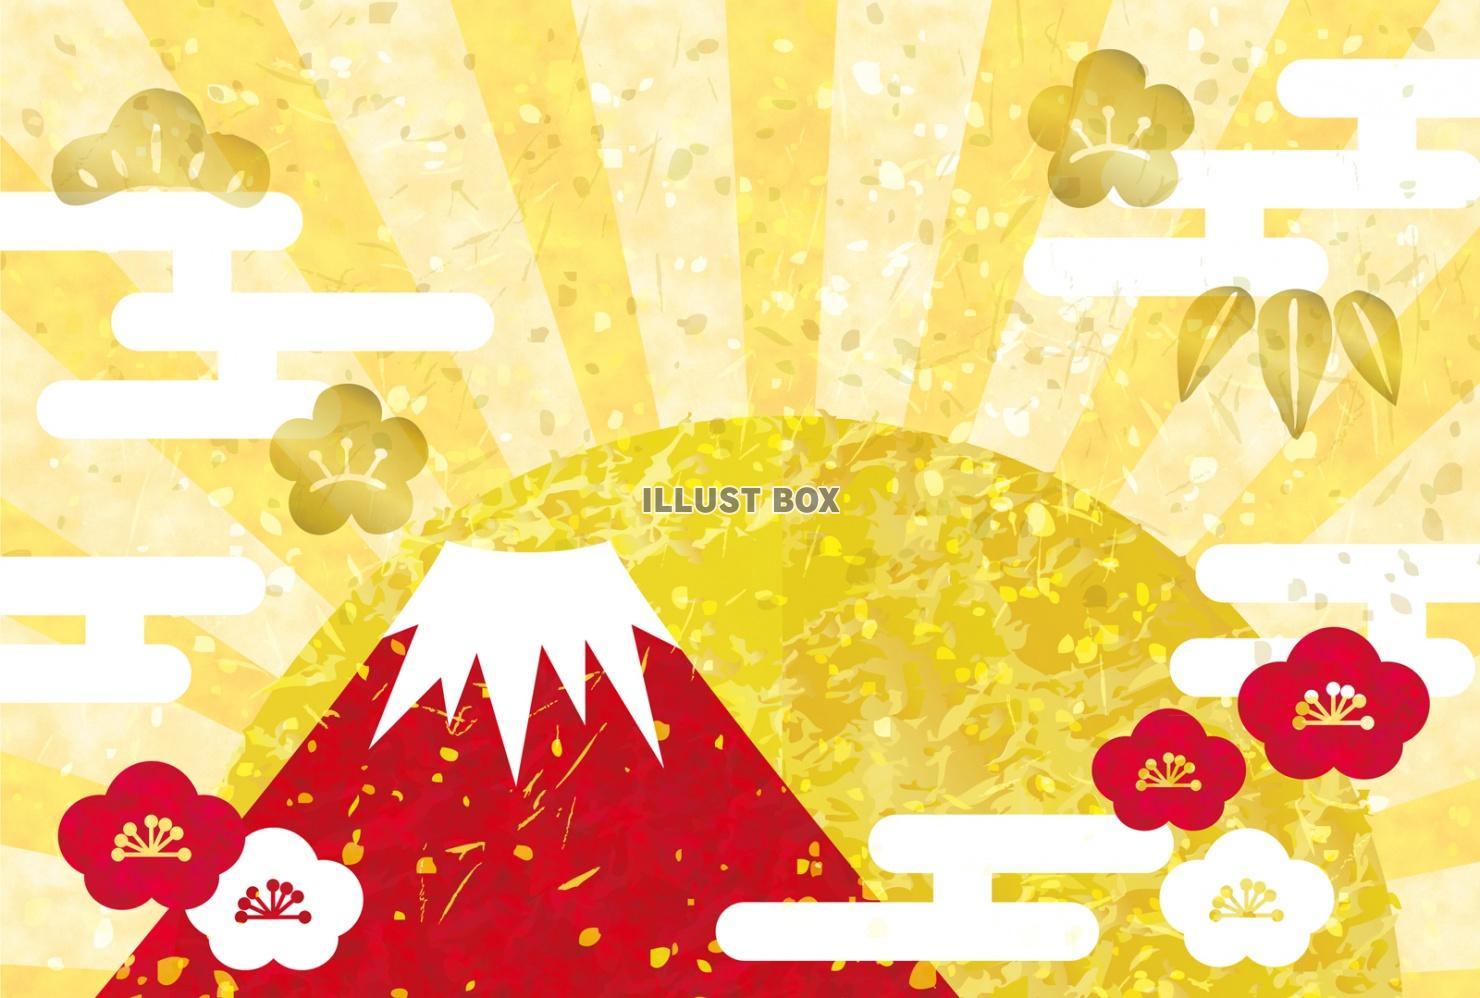 無料イラスト 赤富士 富士山 初日の出 年賀状 背景 正月 フレーム 謹